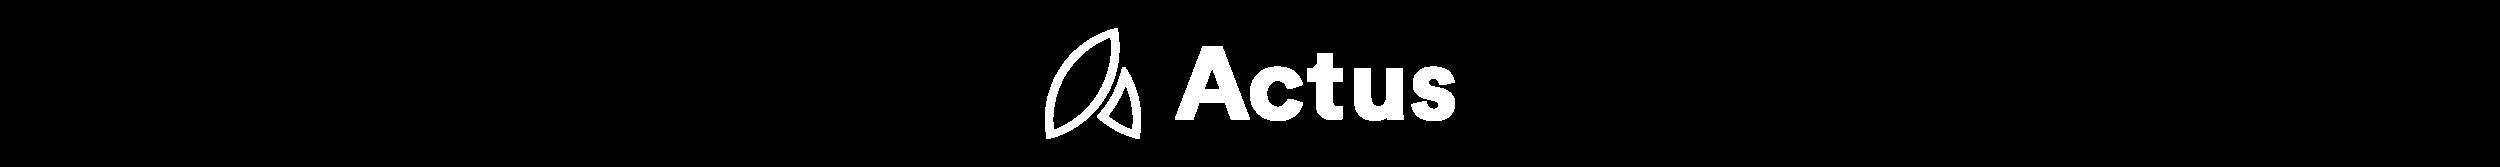 Actus Logo banner-white-02_banner.png